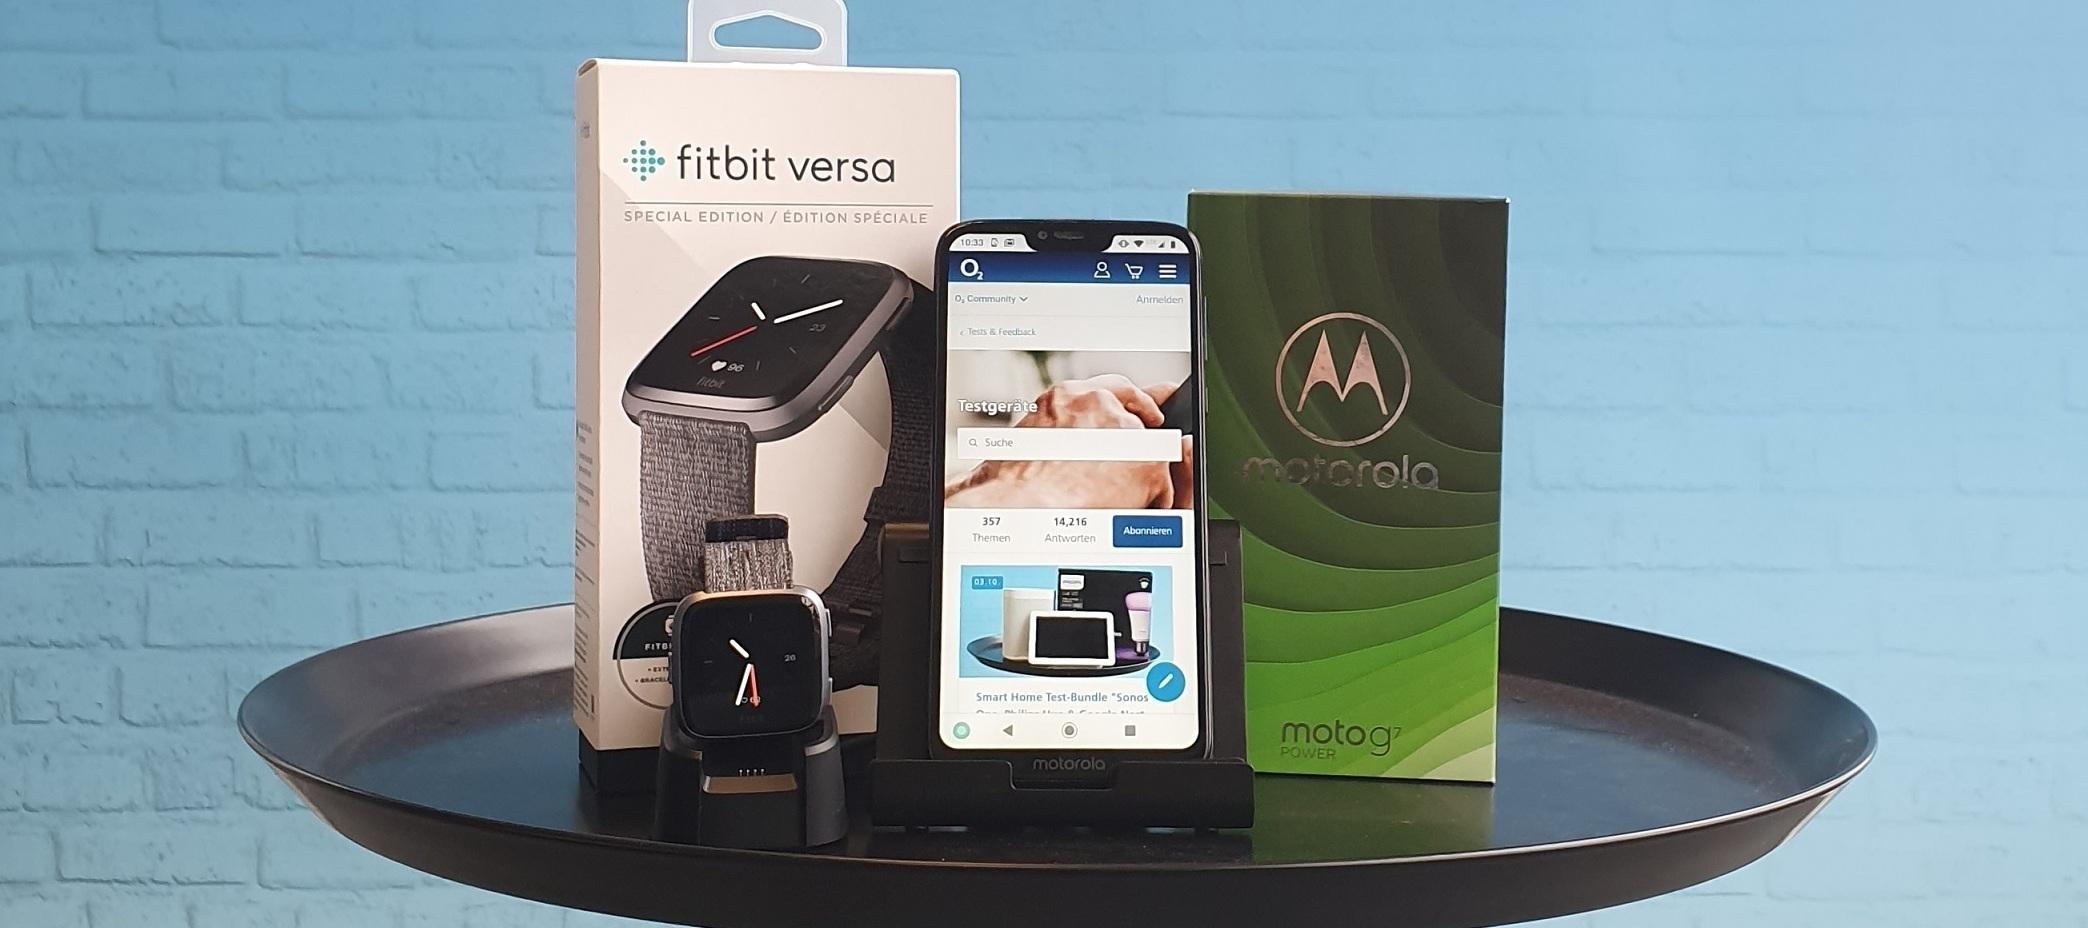 Motorola Moto G7 Power & Fitbit Versa Special Edition Testgeräte: Handy-Tester, Smartphone-Tester und Produkttester aufgepasst!